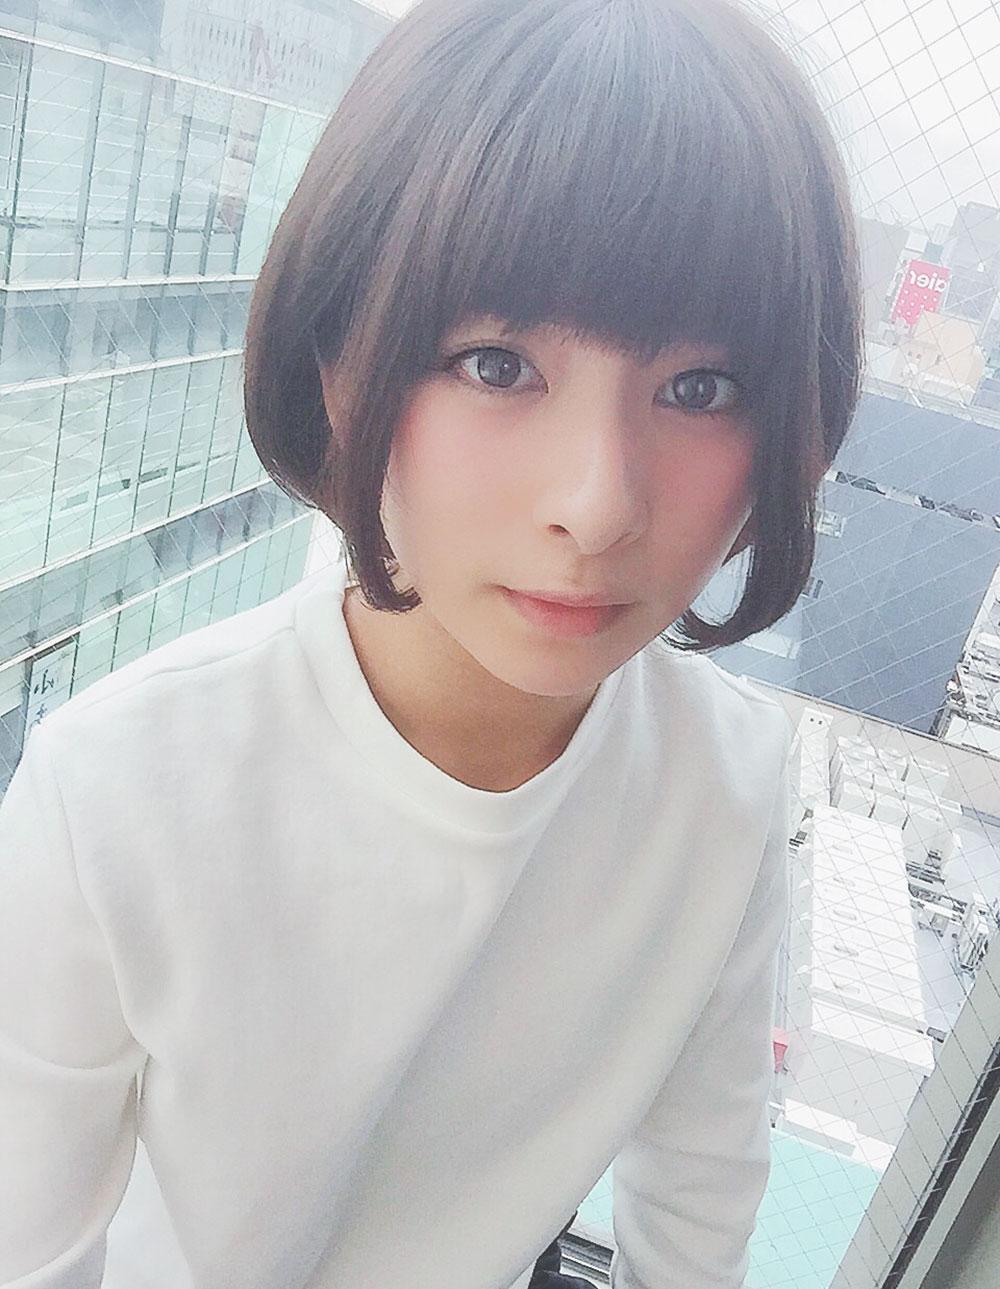 ヘアスタイルカタログ目ヂカラショート